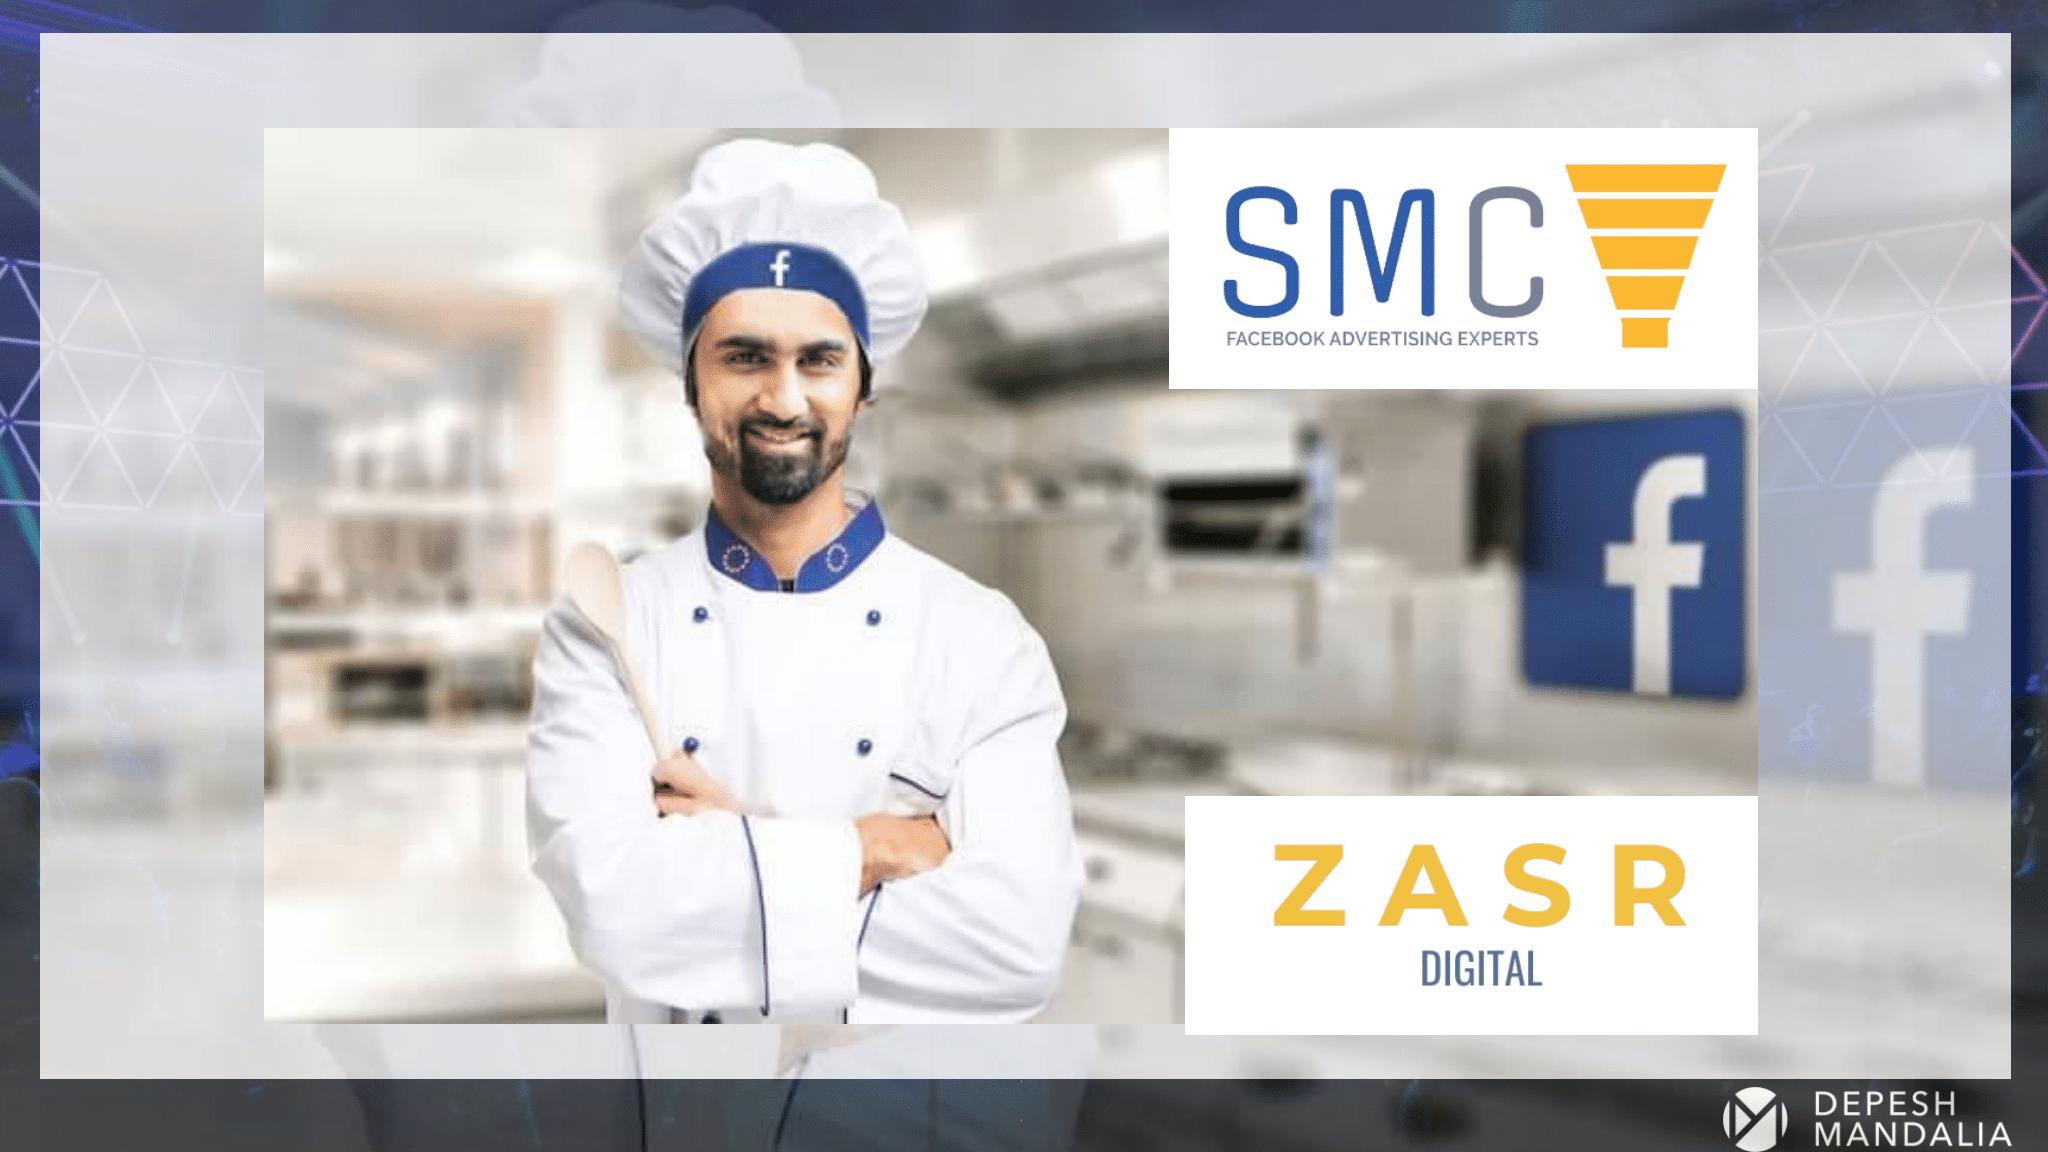 Depesh Mandalia - SMC And ZASR